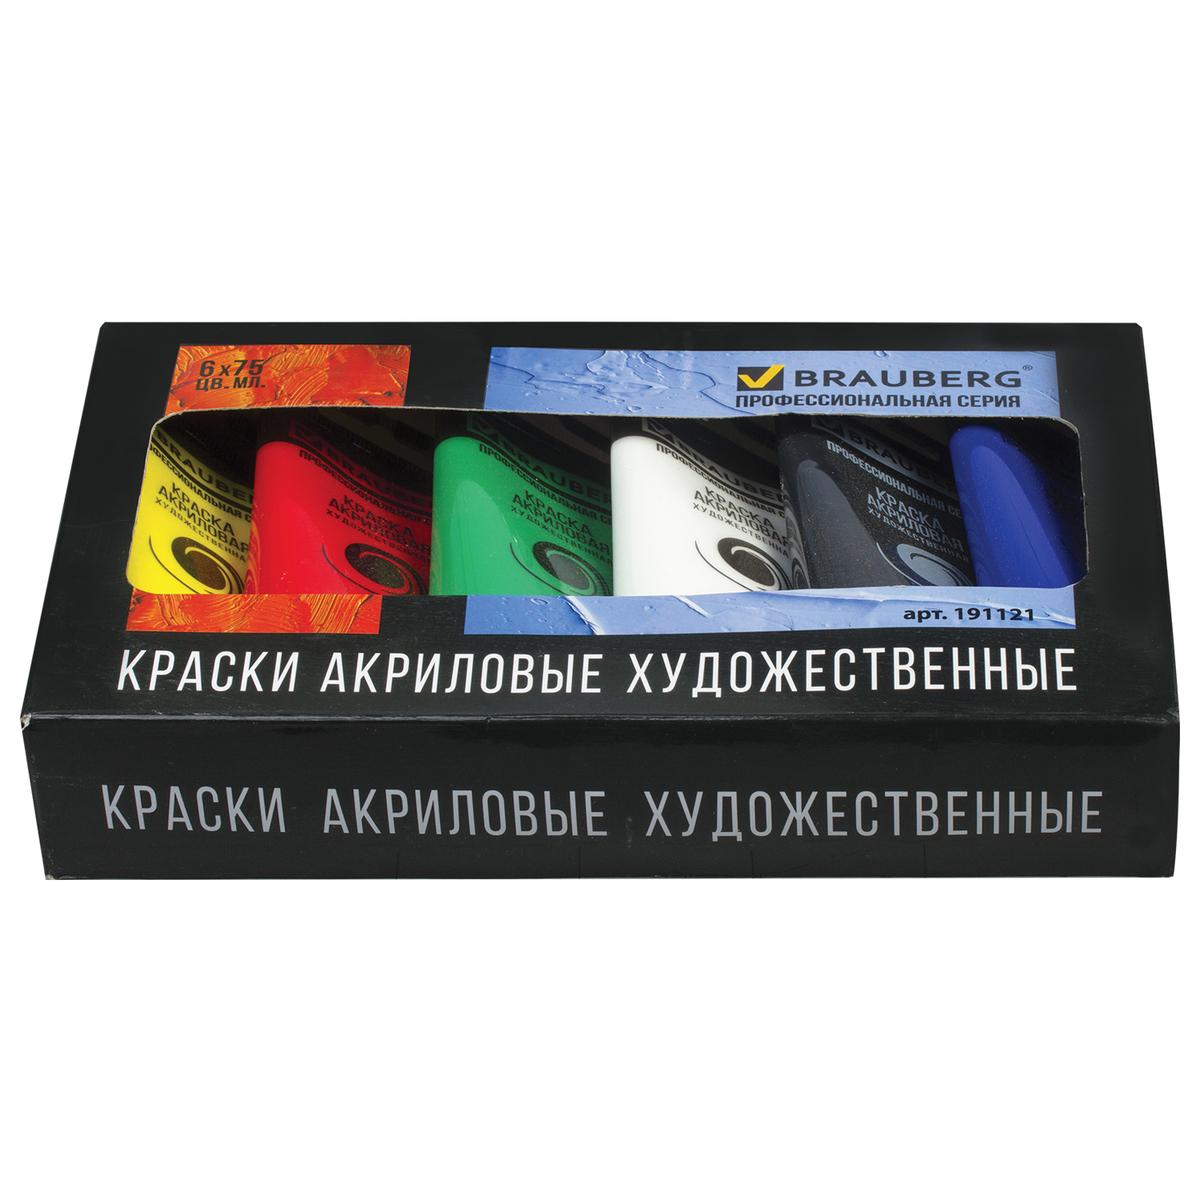 Brauberg Краски акриловые 6 цветов191121Акриловые краски Brauberg профессиональной серии предназначены для живописи и декоративных работ. Легко наносятся практически на любую поверхность. Яркие и насыщенные цвета. Быстрое высыхание без изменения цвета. Отличная укрывистость и светостойкость. Разбавляются водой.Состав набора: белила титановые (044), лимонная желтая (021), красная светлая (003), зеленая средняя (063), ультрамарин (033), черная (051).